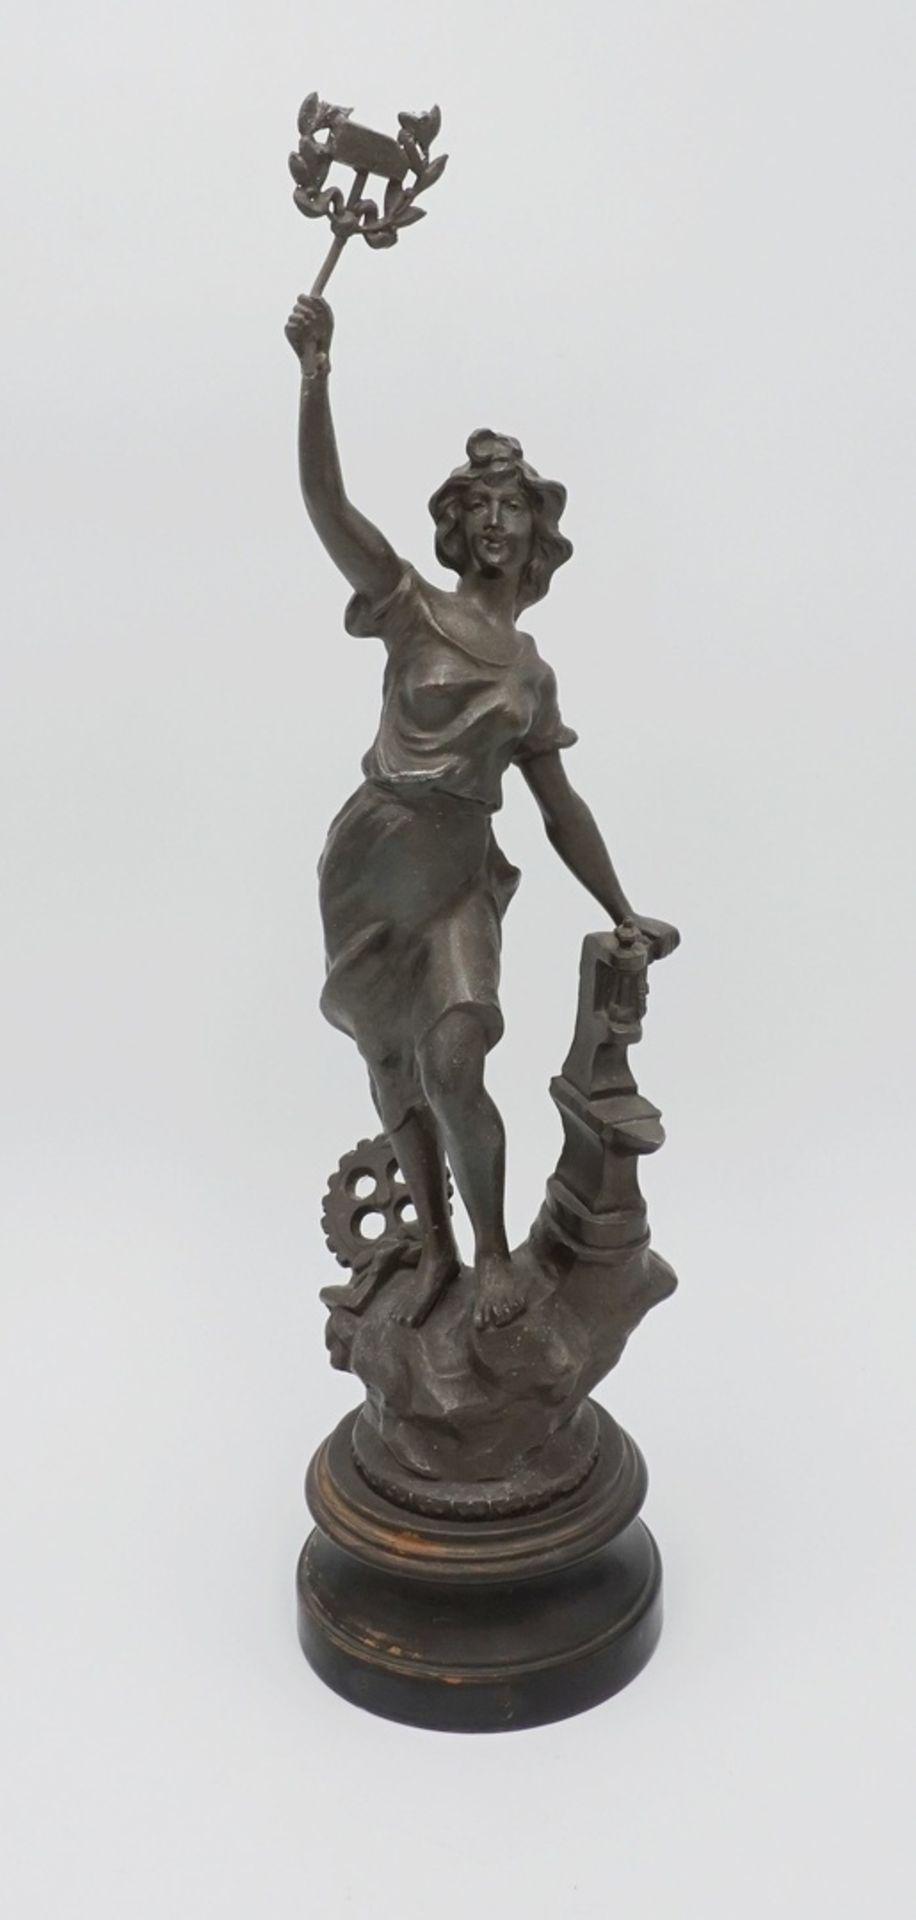 Zwei allegorische Figuren, für Handwerk und Wirtschaft & Handel - Bild 2 aus 5